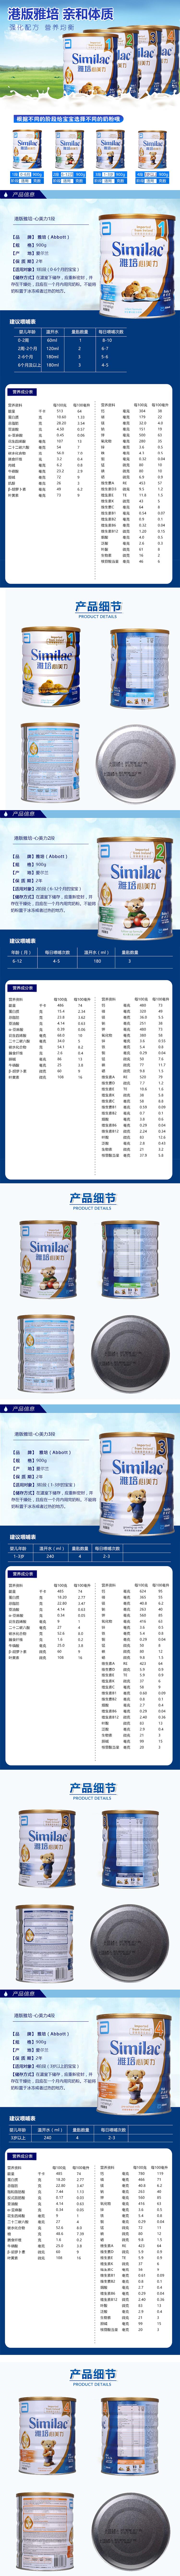 雅培(Abbott) 香港版心美力4段(3岁以上)幼童高营养奶粉 900g 爱尔兰原装 1罐